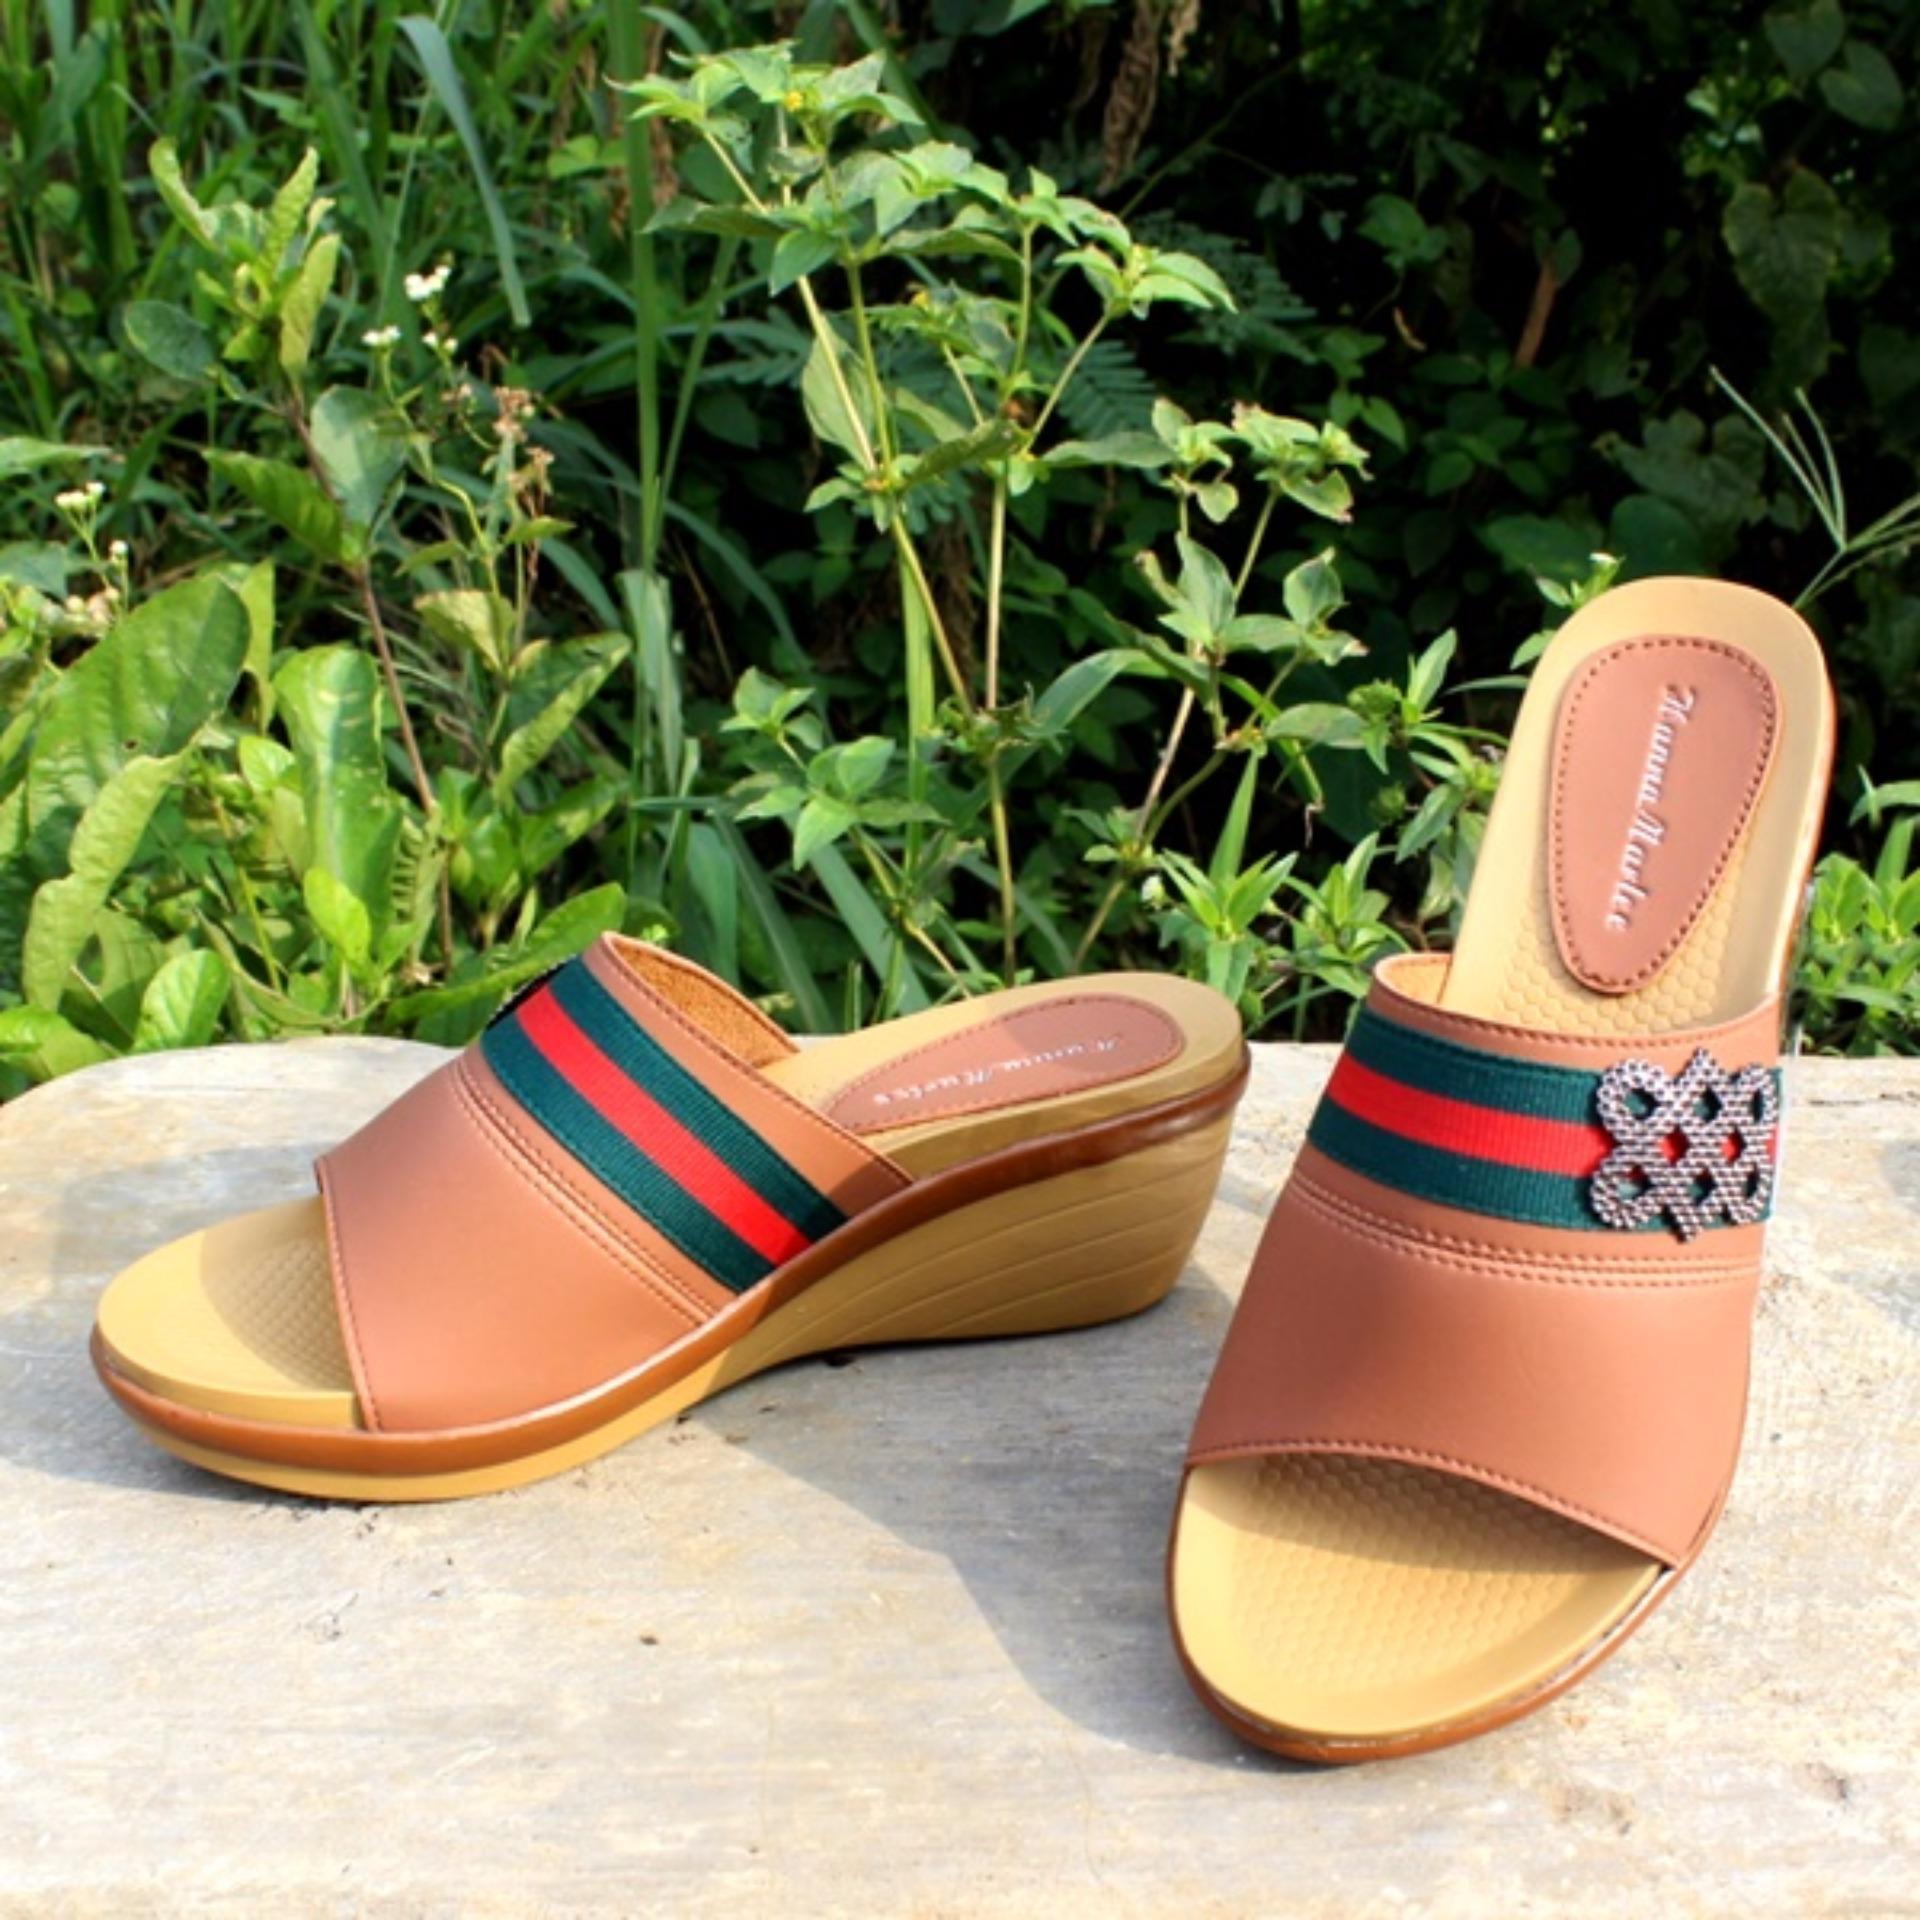 Harga Wedges Sandal Hanna Marlee Amg 11 Coklat Muda Hanna Marlee Baru